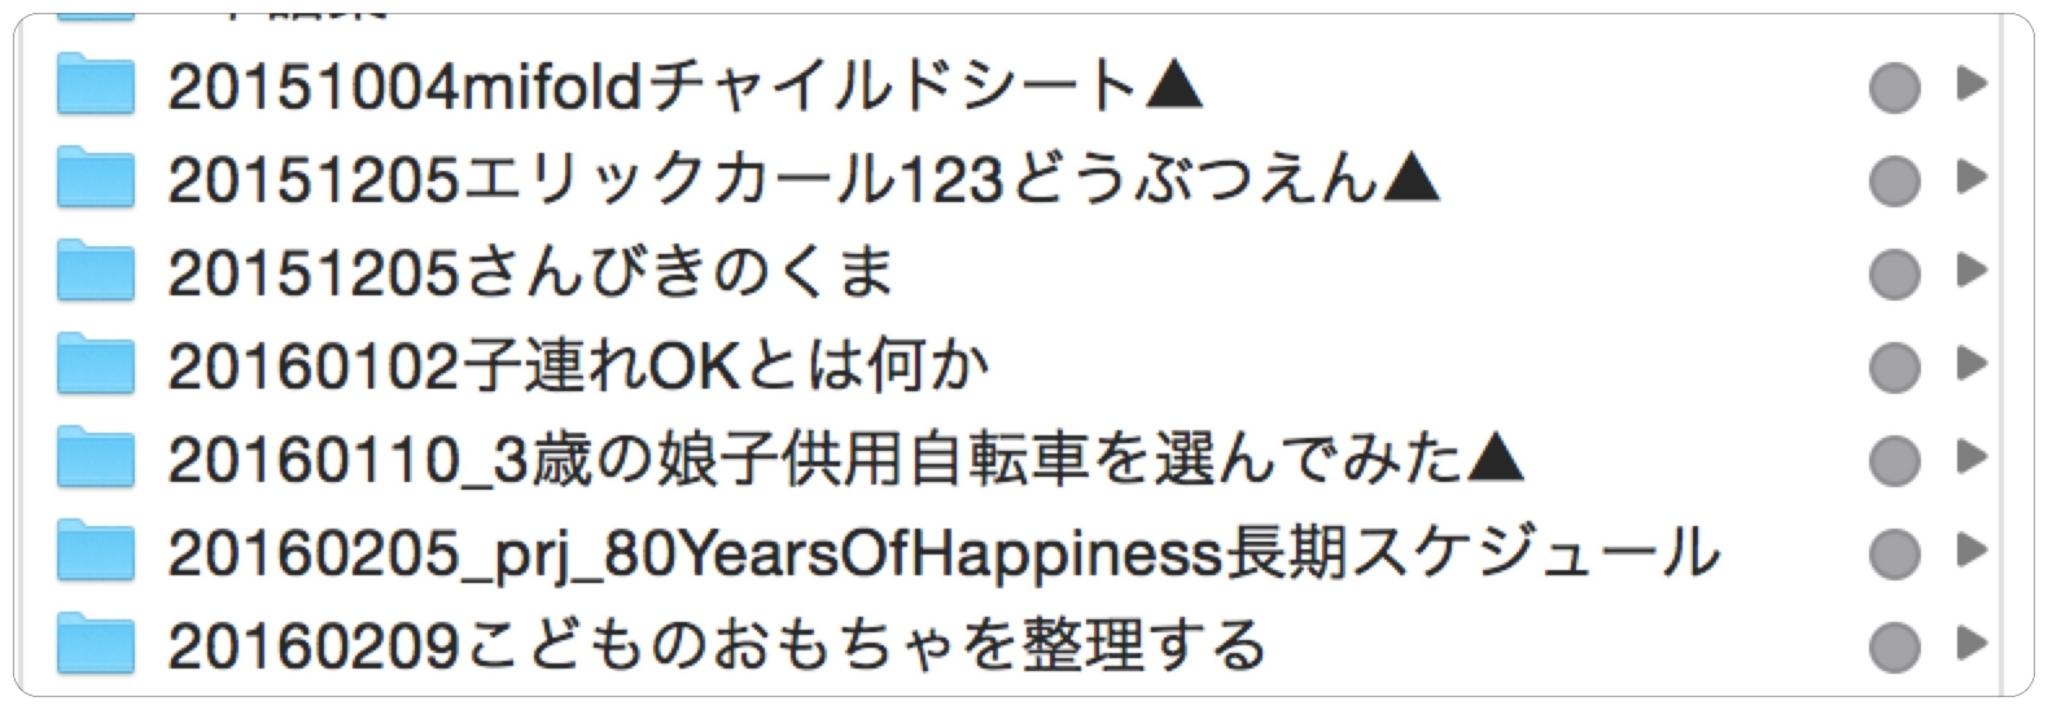 f:id:mogami74:20170613120539j:plain